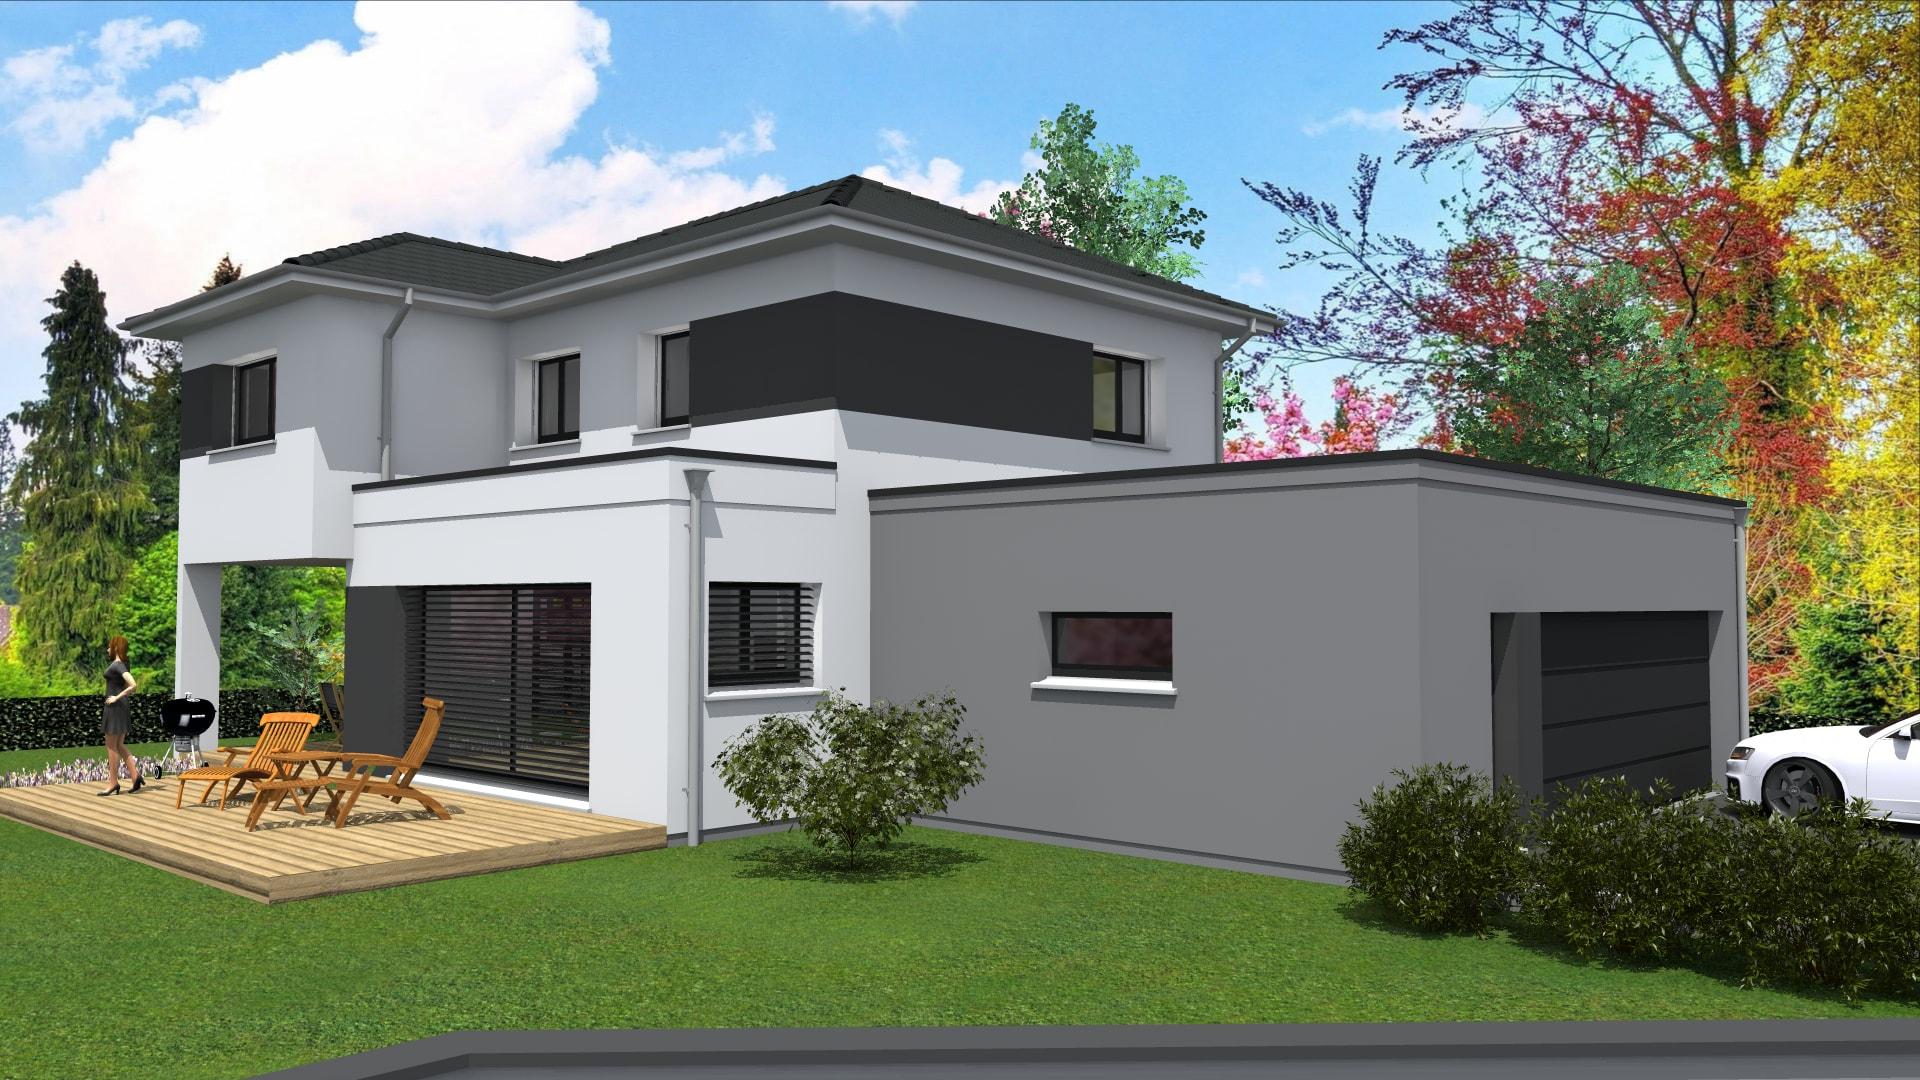 Maison architecte haut rhin maison moderne for Constructeur maison contemporaine haut rhin